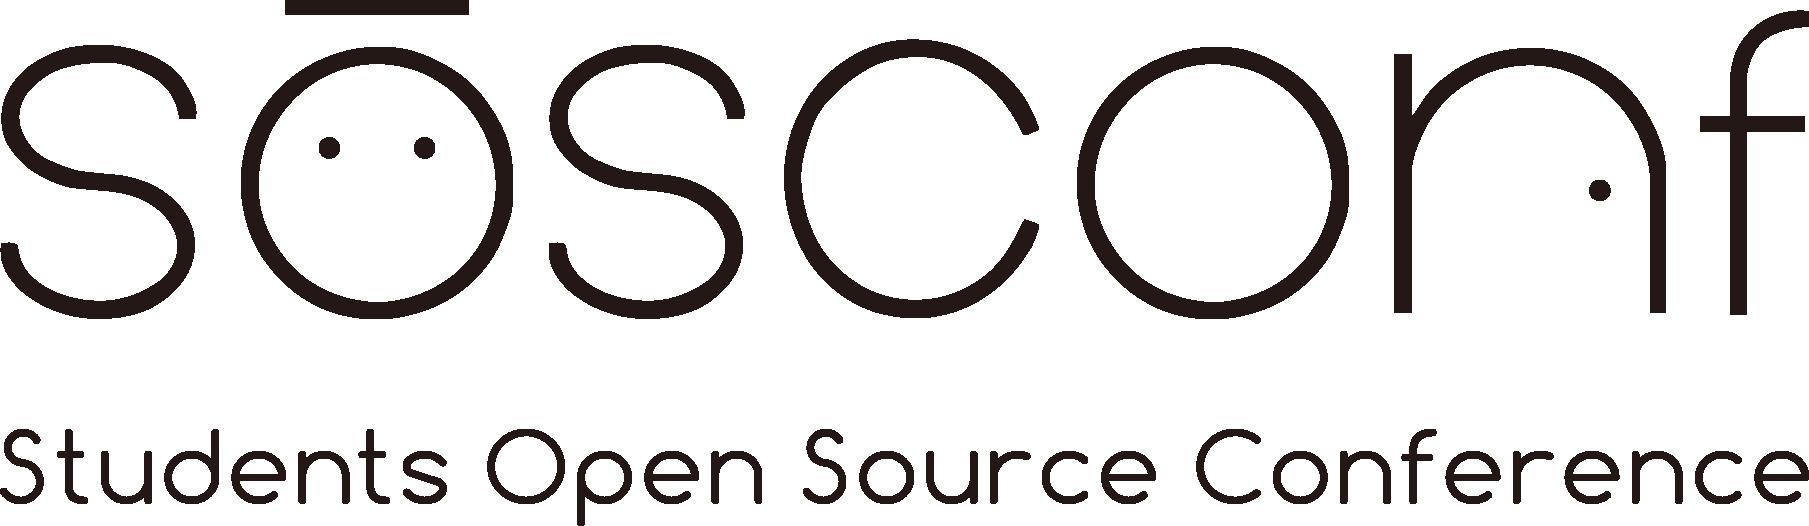 sosconf 2019